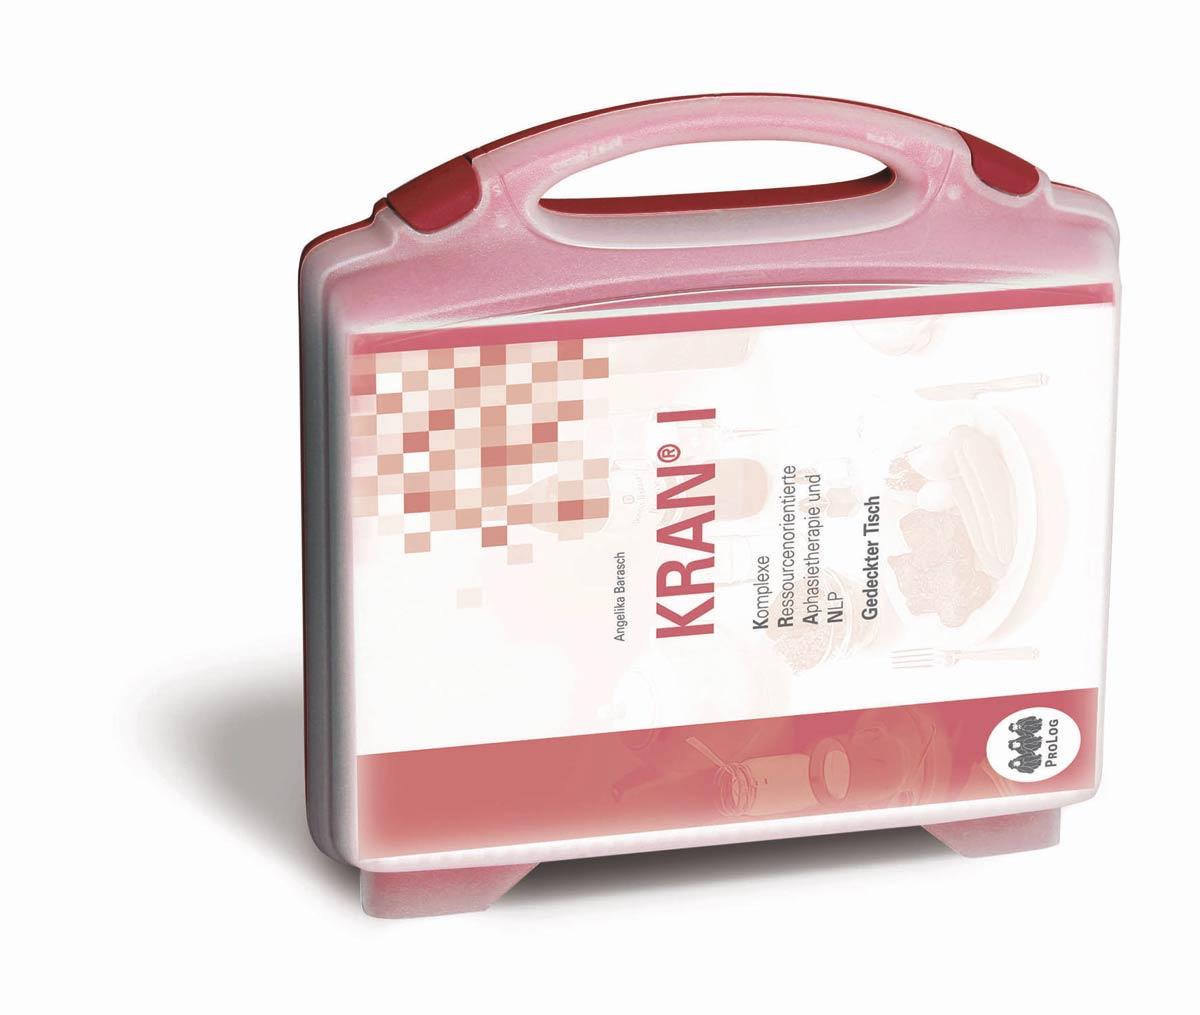 Gedeckter tisch gezeichnet  KRAN-Koffer I Gedeckter Tisch | KRAN | Serien/Reihen | Produkte ...